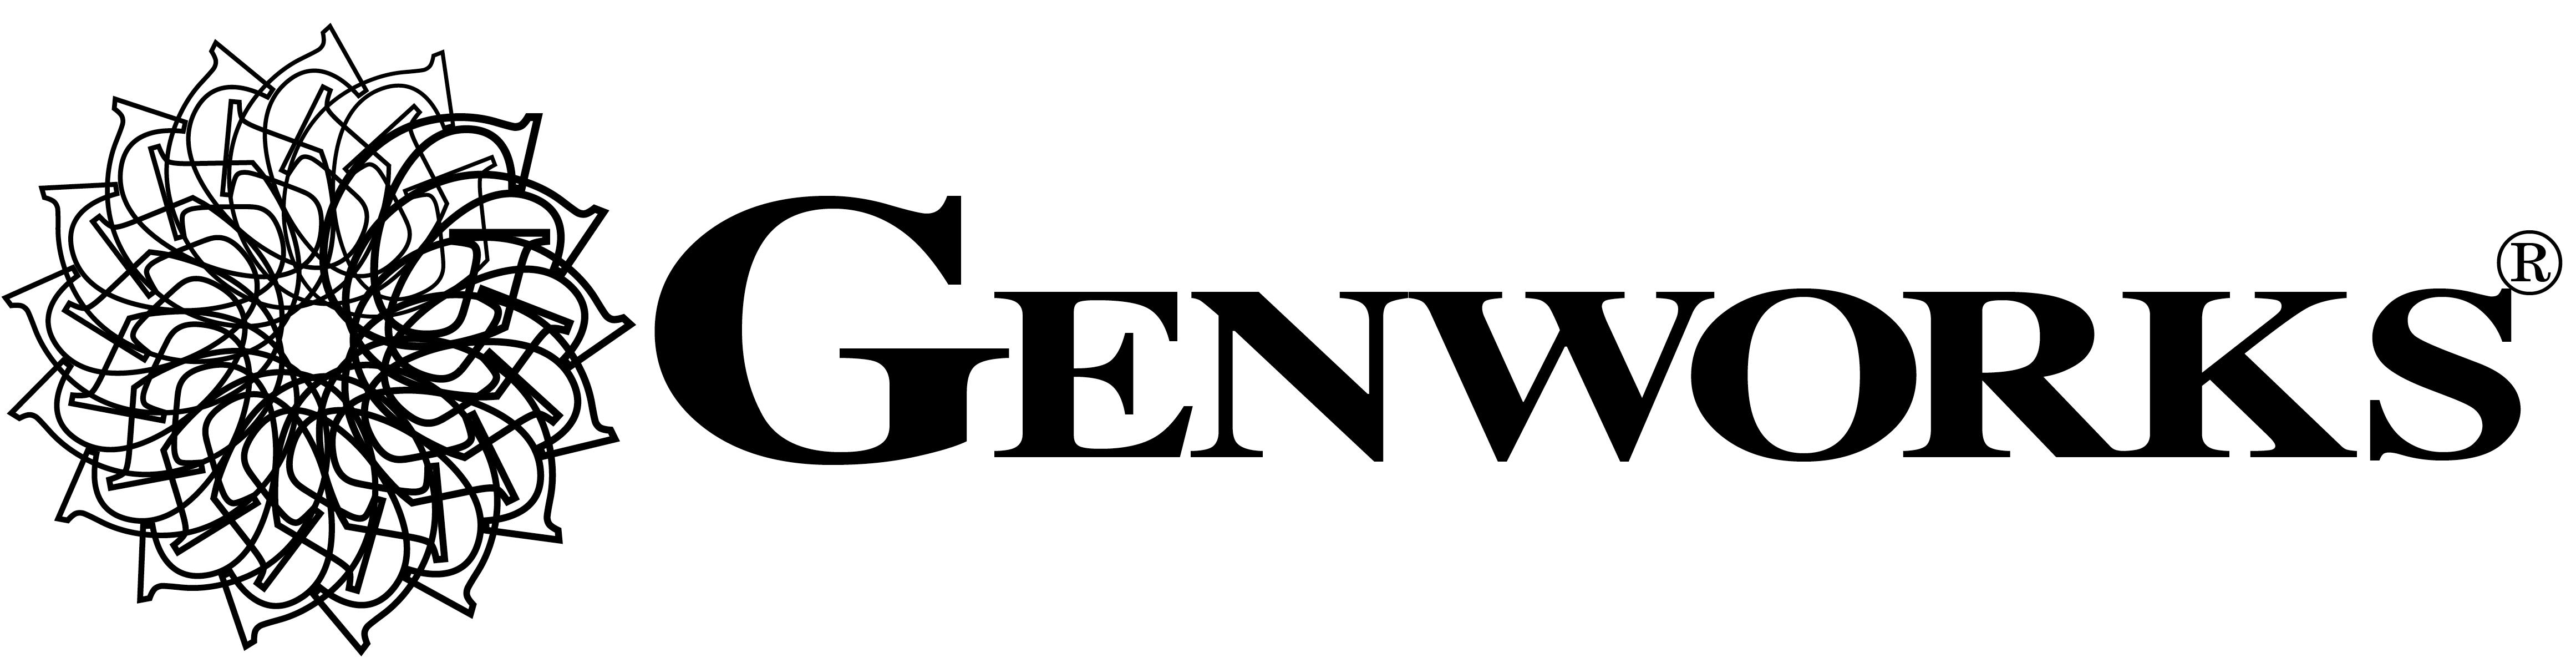 gwl/static/gwl/images/genworks-logo.png